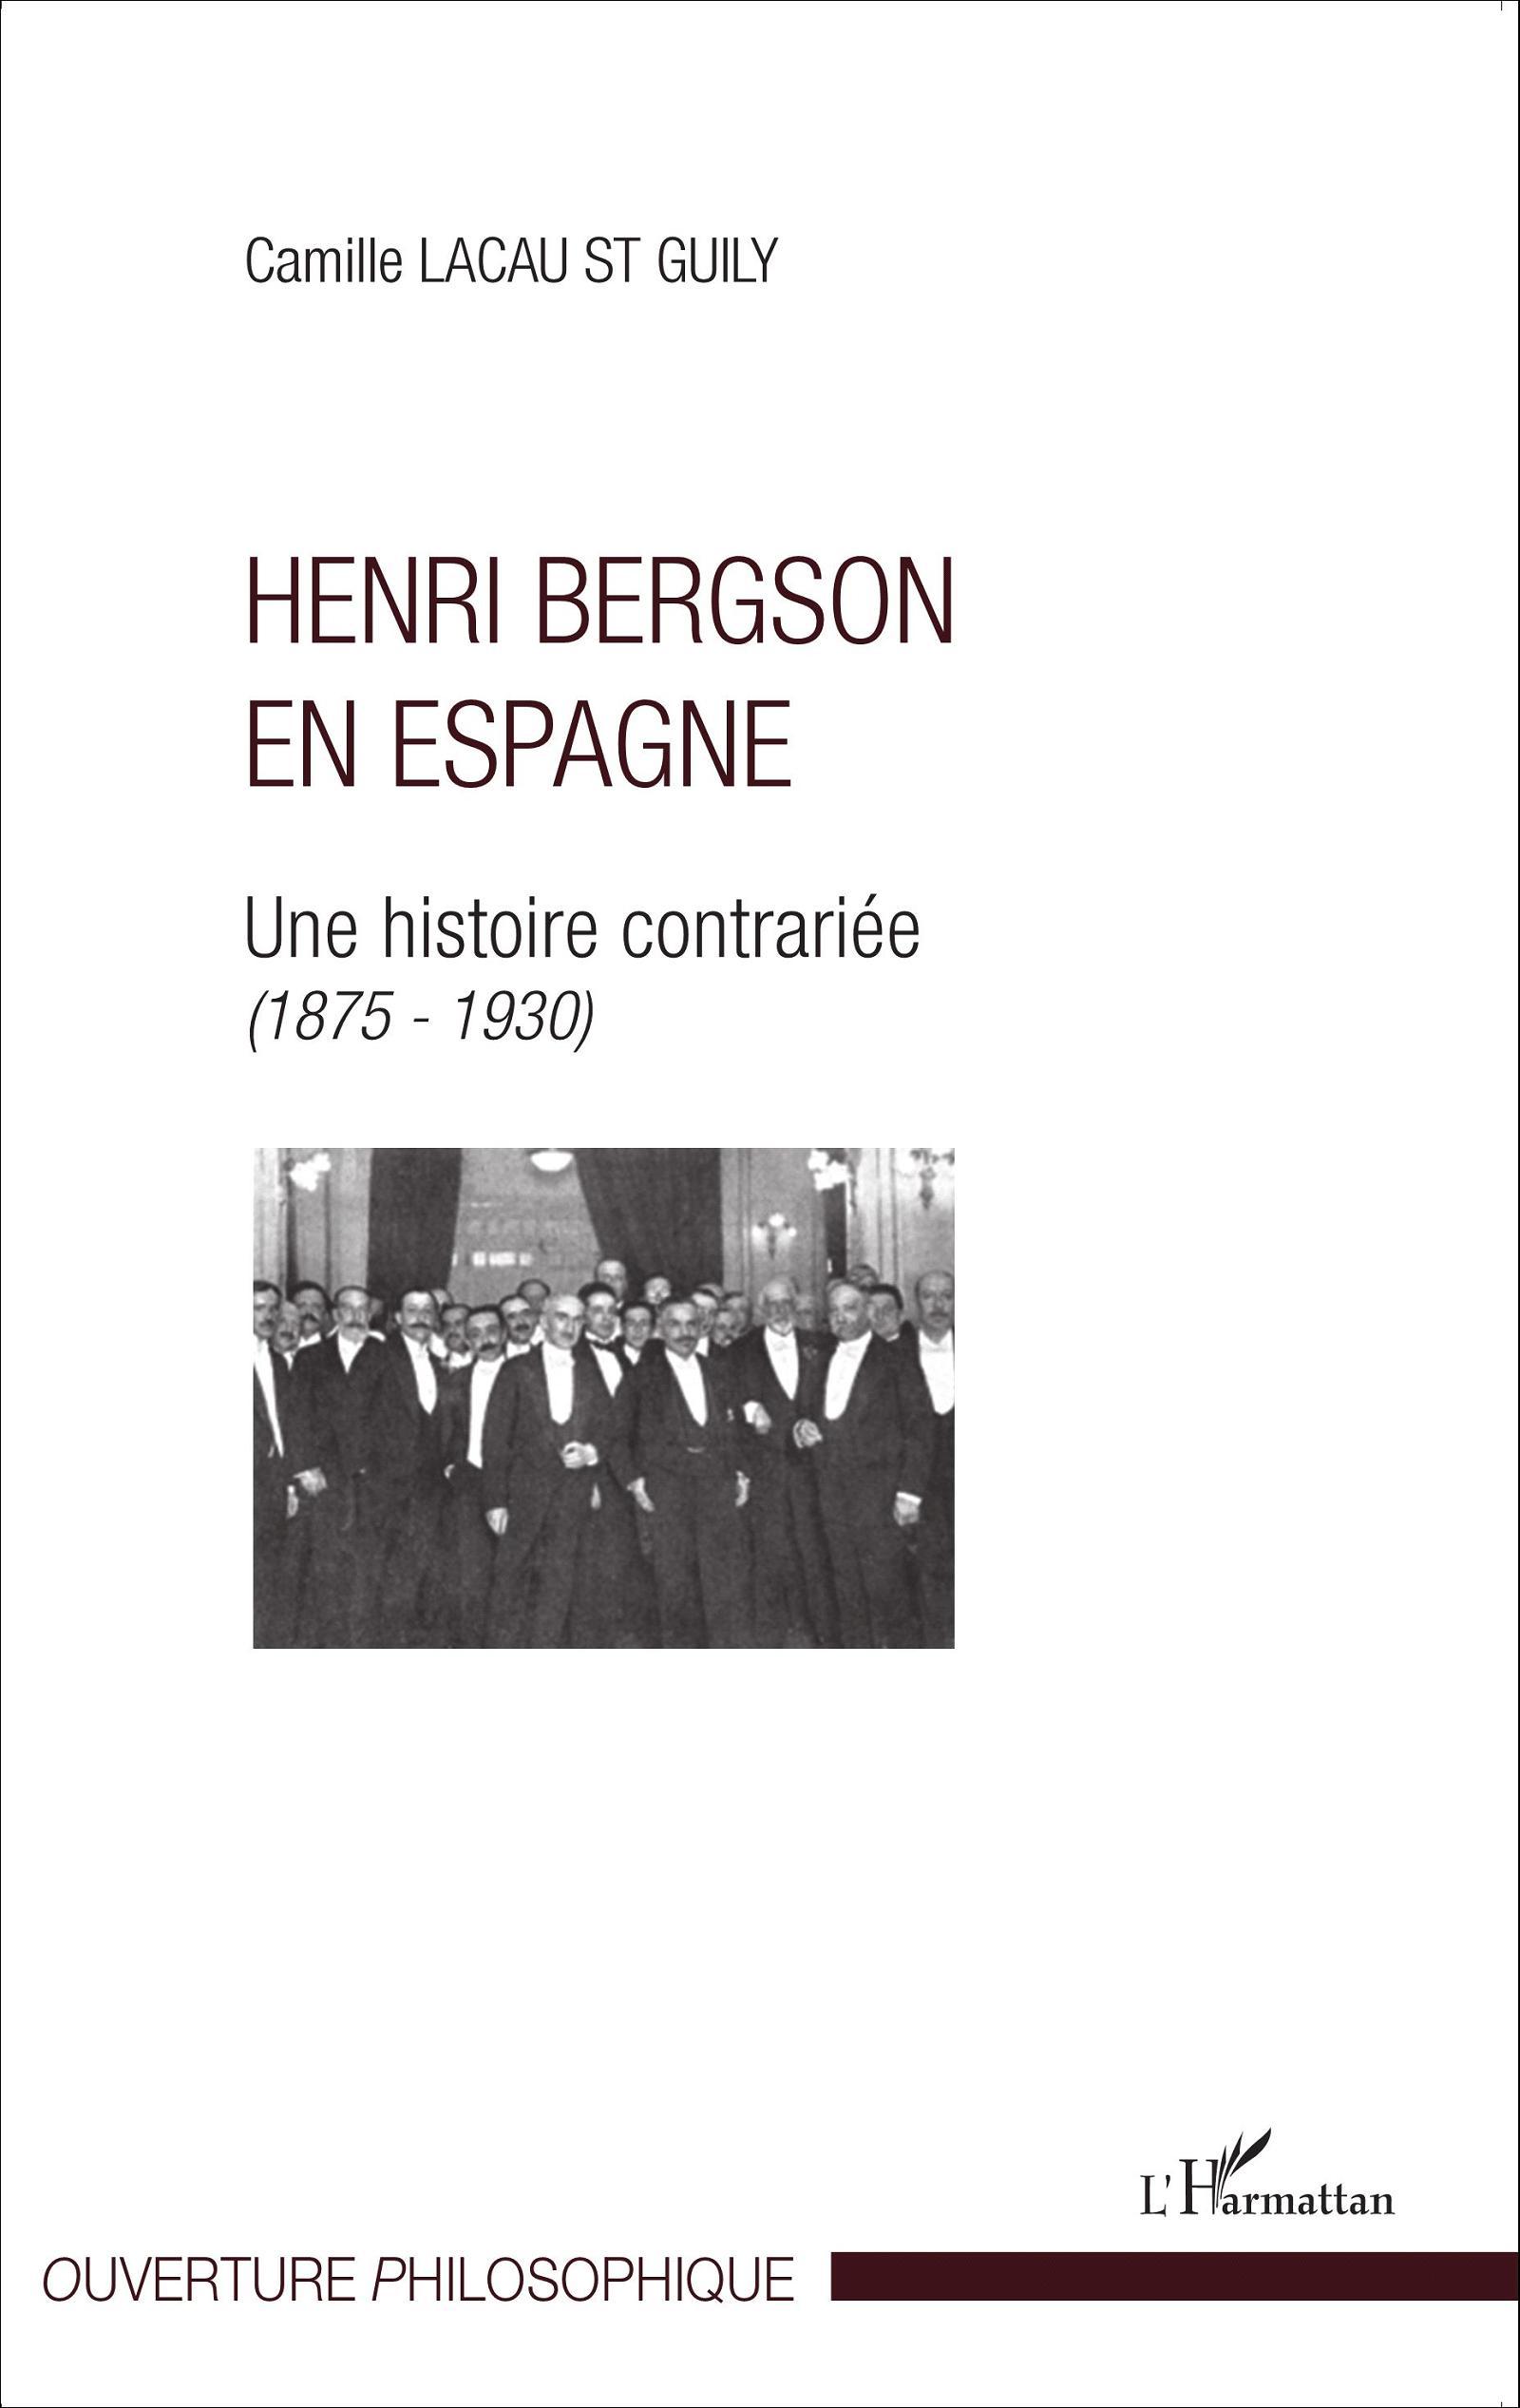 Henri Bergson en